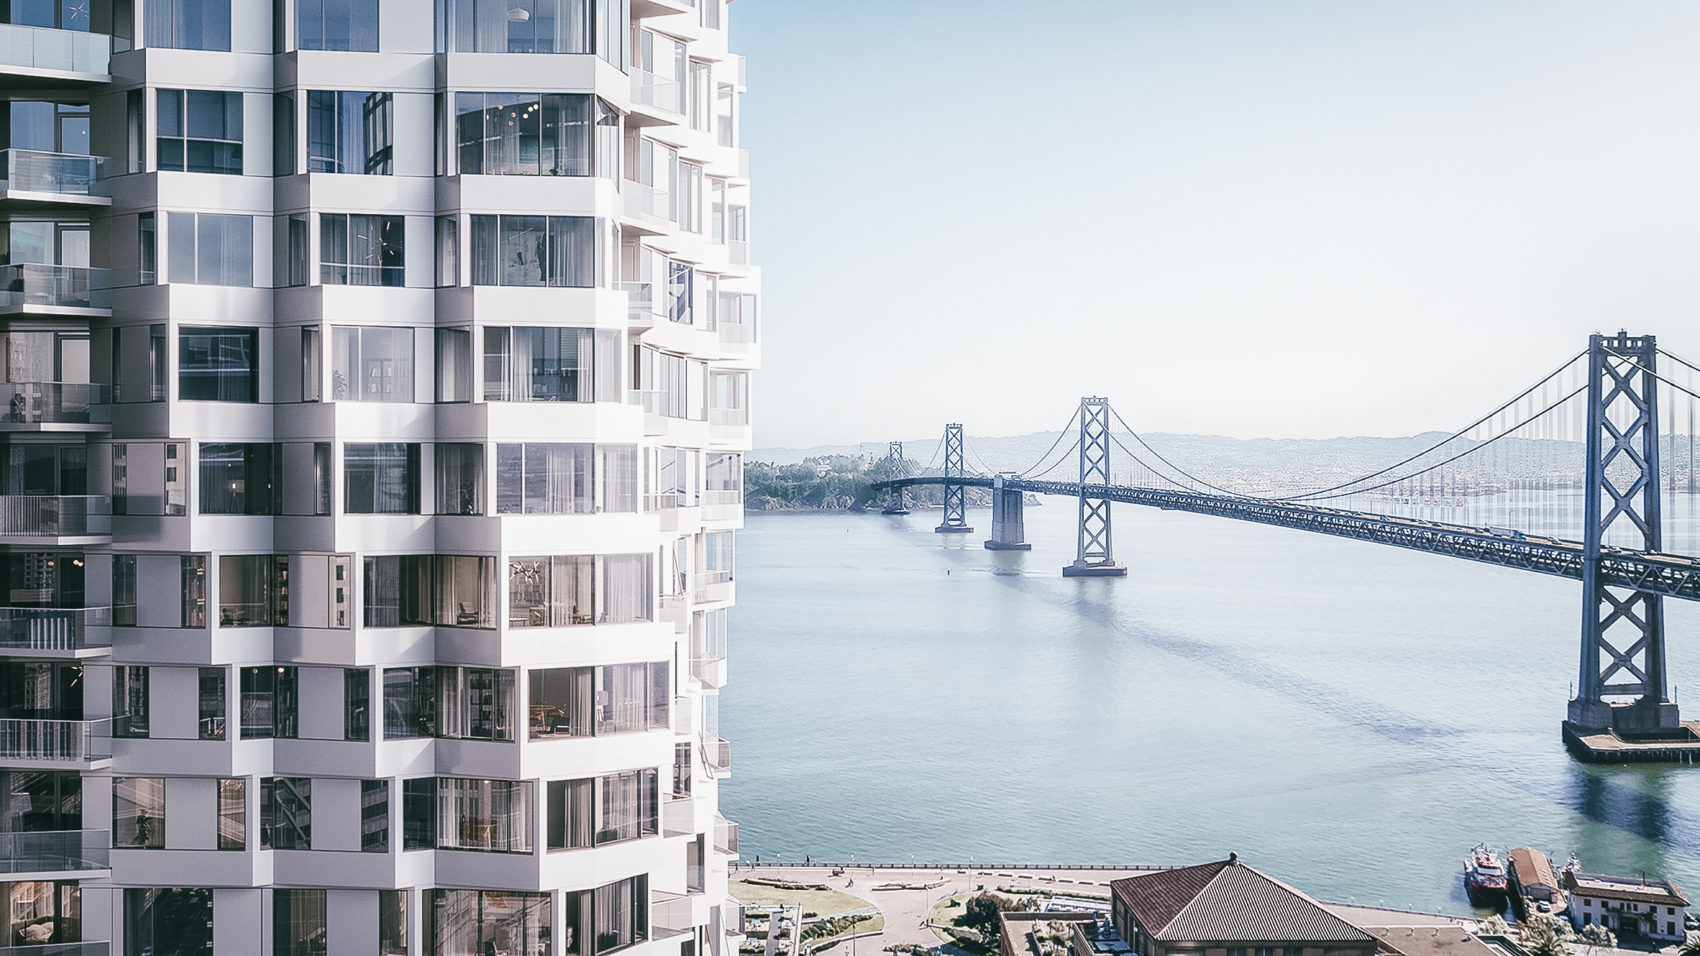 Mira tower от Studio Gang в Сан-Франциско, США